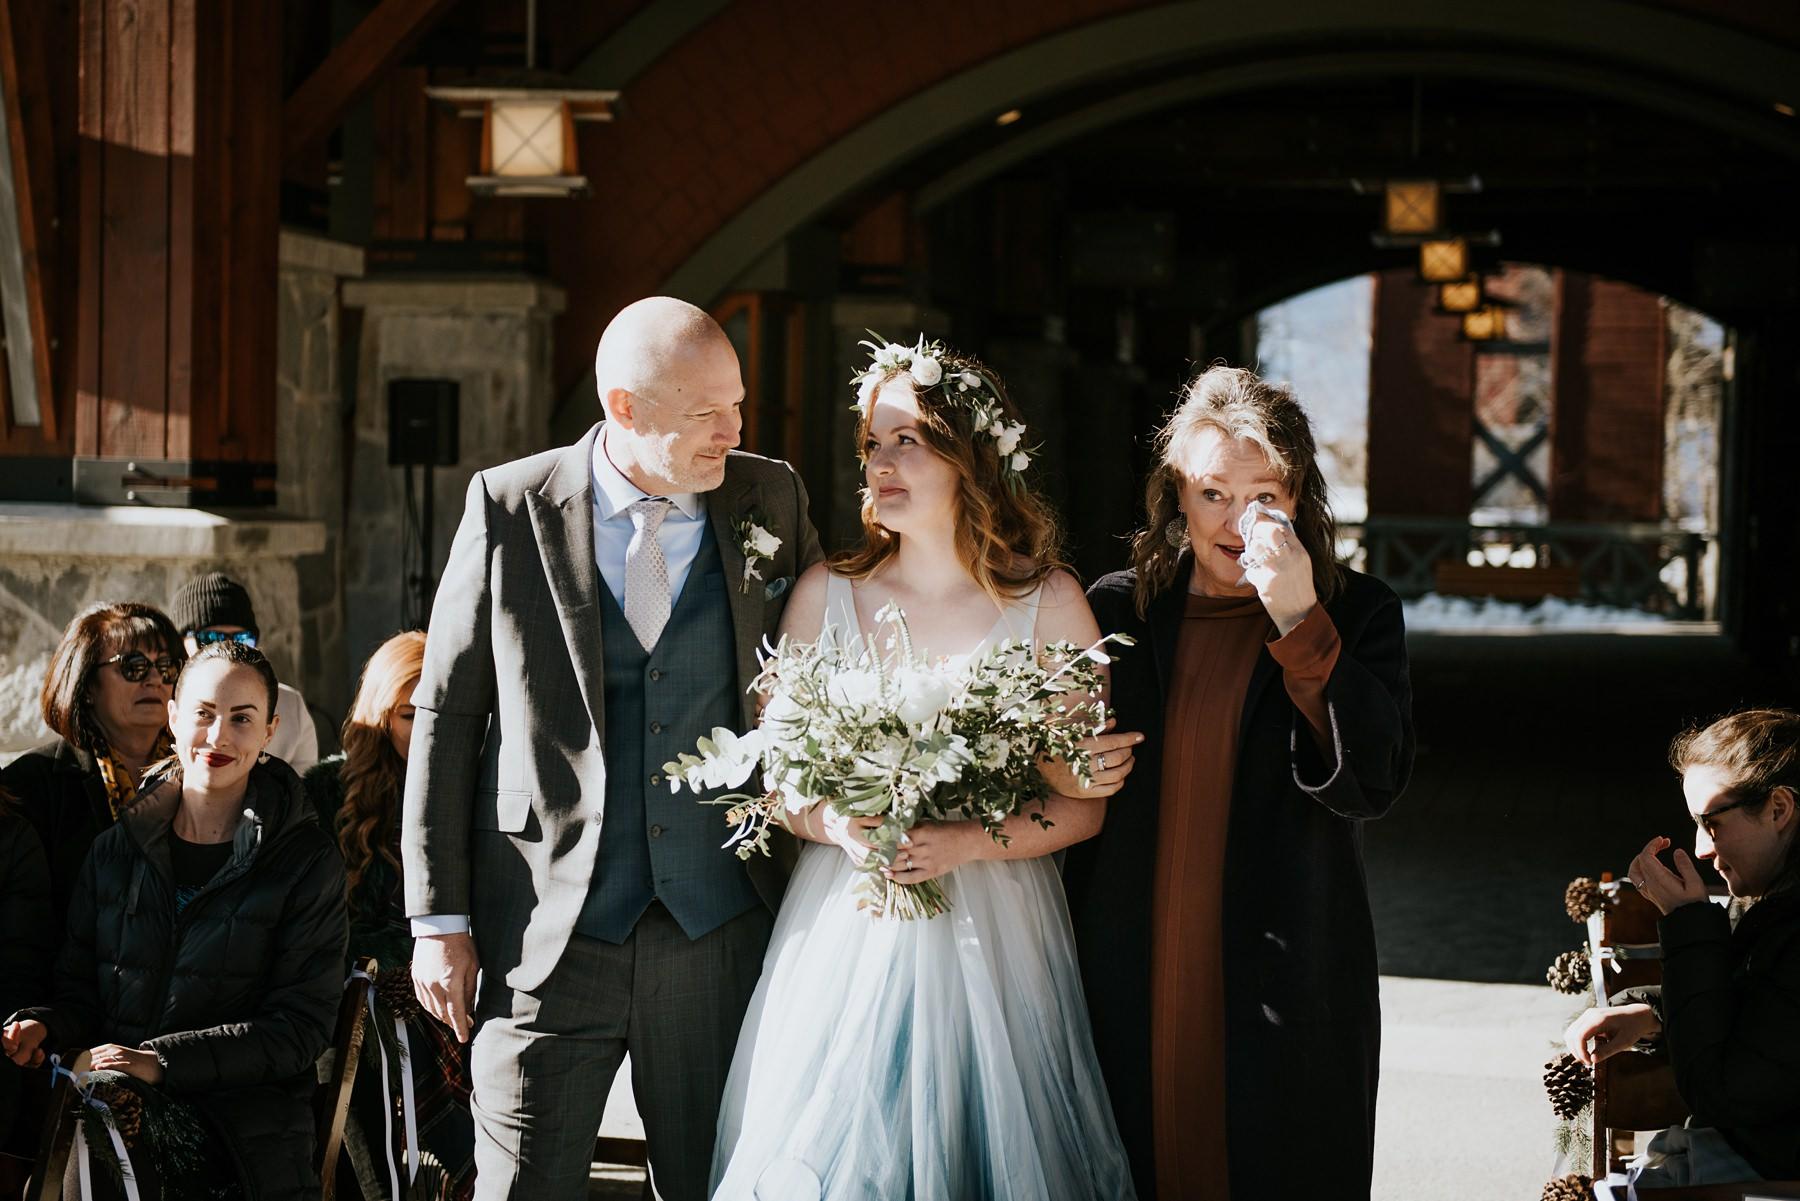 bride and parents walking to ceremony at Nita lake lodge